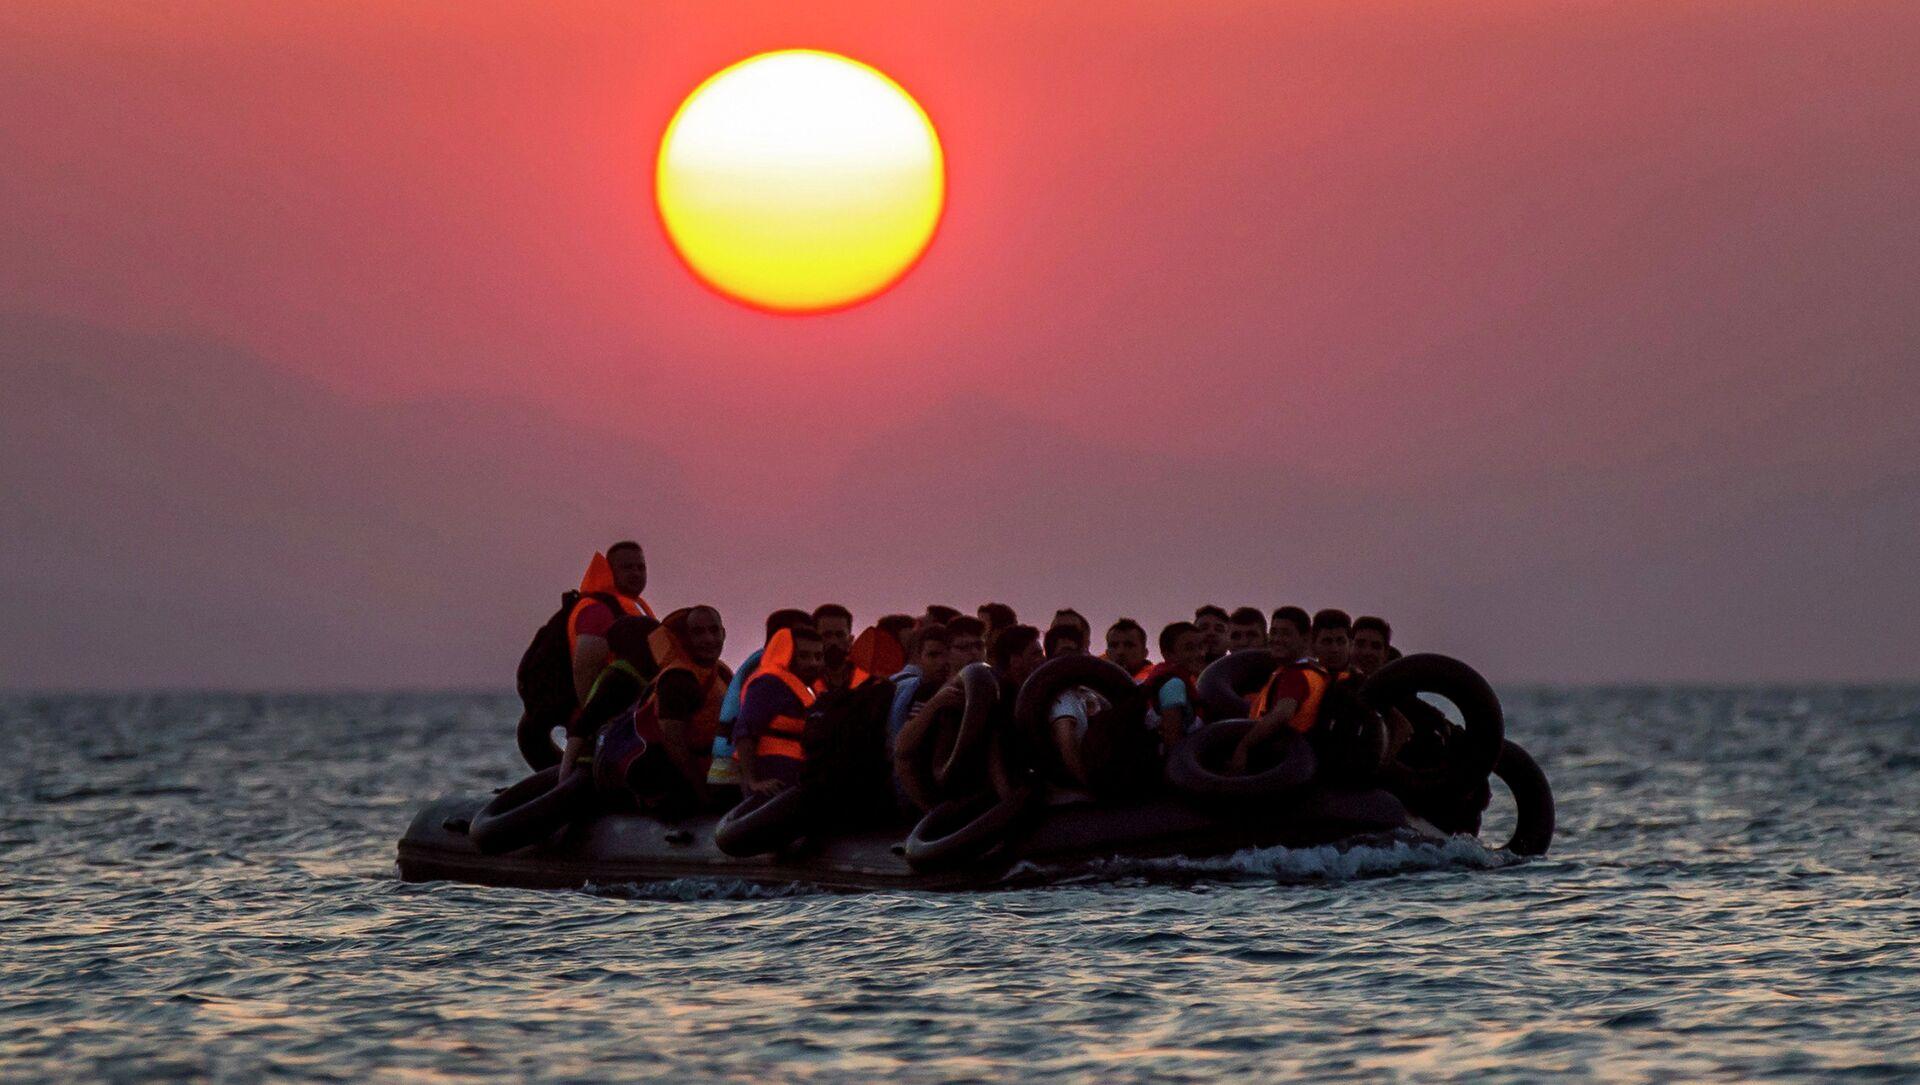 Une embarcation remplie de réfugiés  - Sputnik France, 1920, 23.07.2021